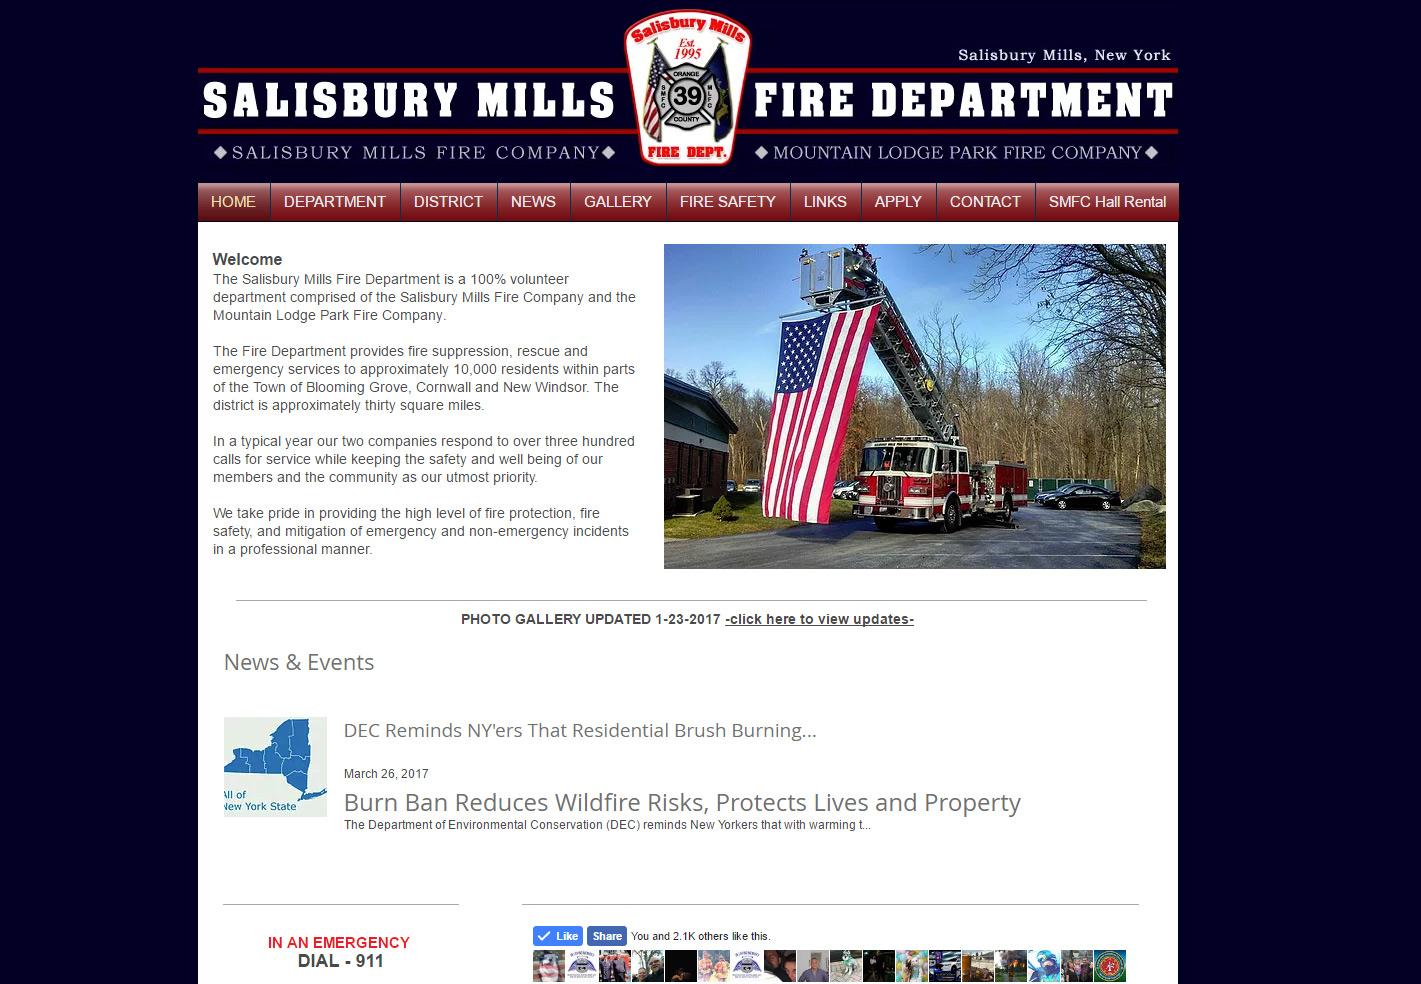 wwwsalisburymillsfirecom